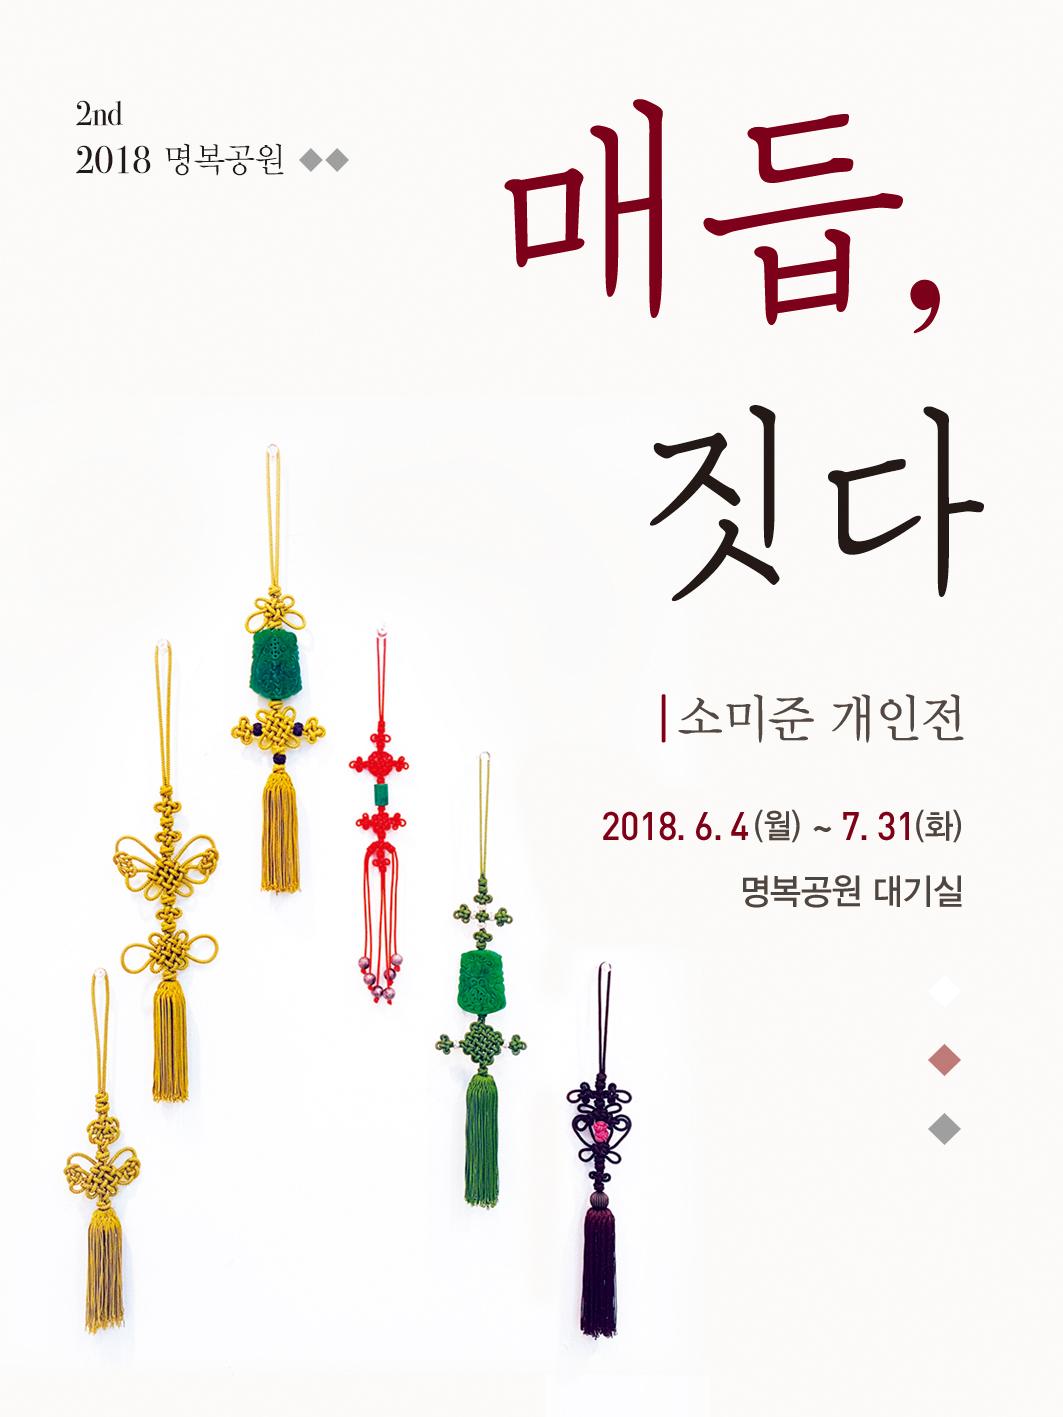 2nd 2018 명복공원. 매듭, 짓다 - 소미준 개인전 2018.6.4(월)~7.31(화) 명복공원 대기실